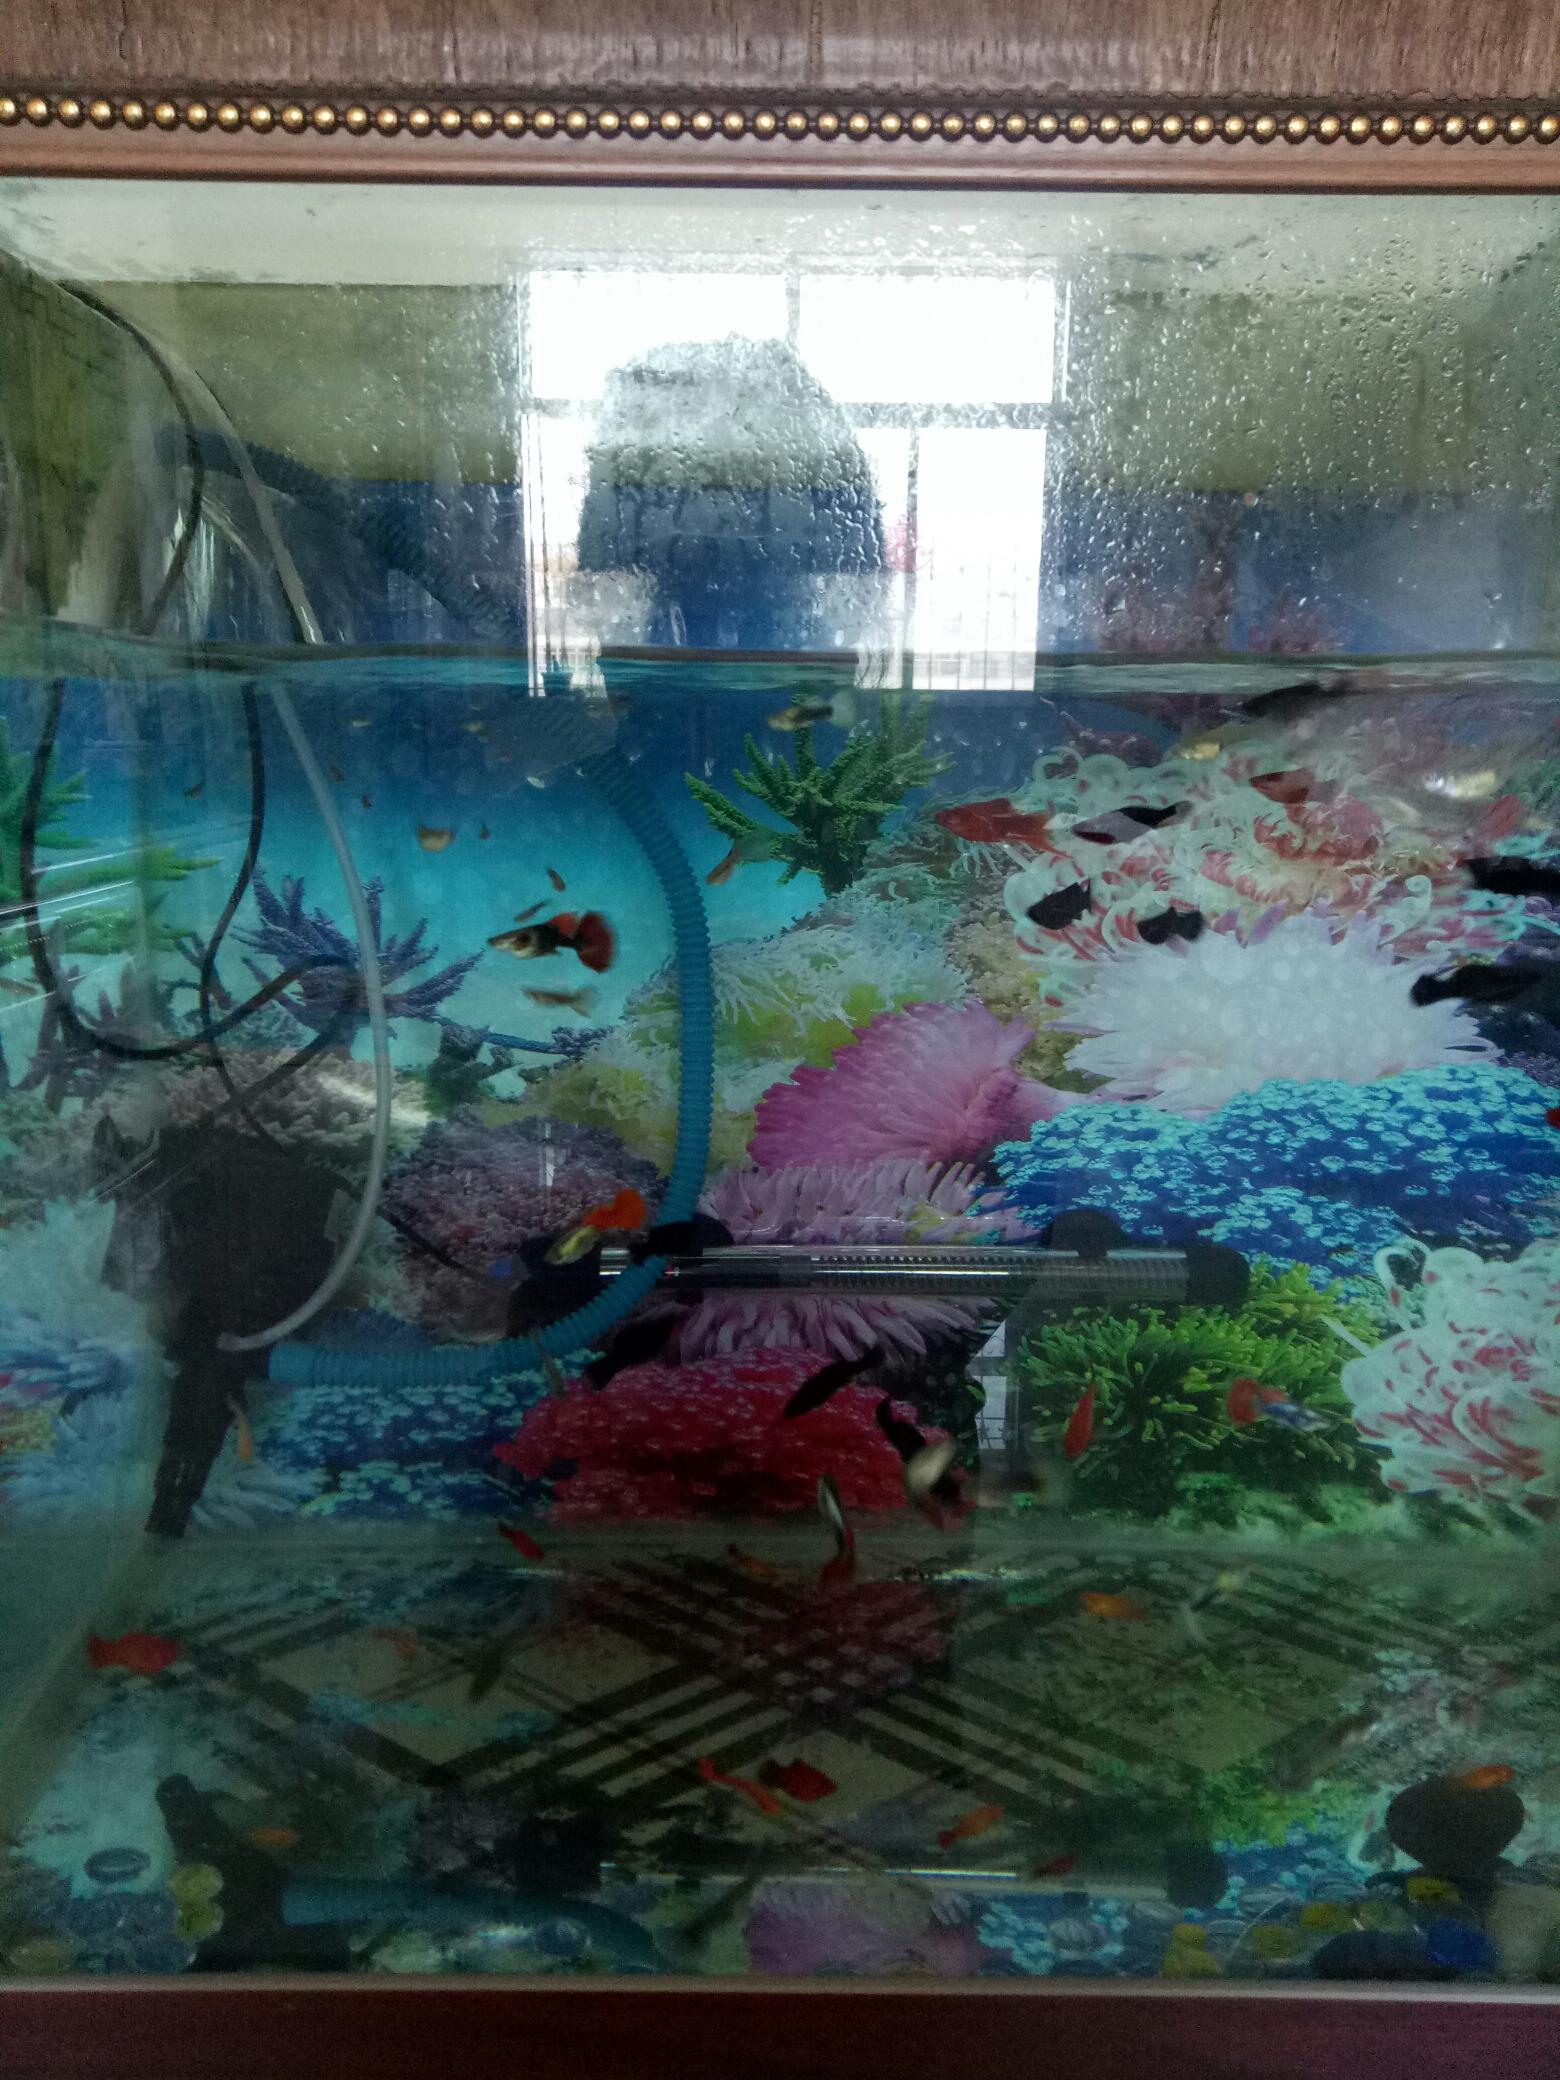 我的孔雀鱼老是被水泵吸死是什么原因